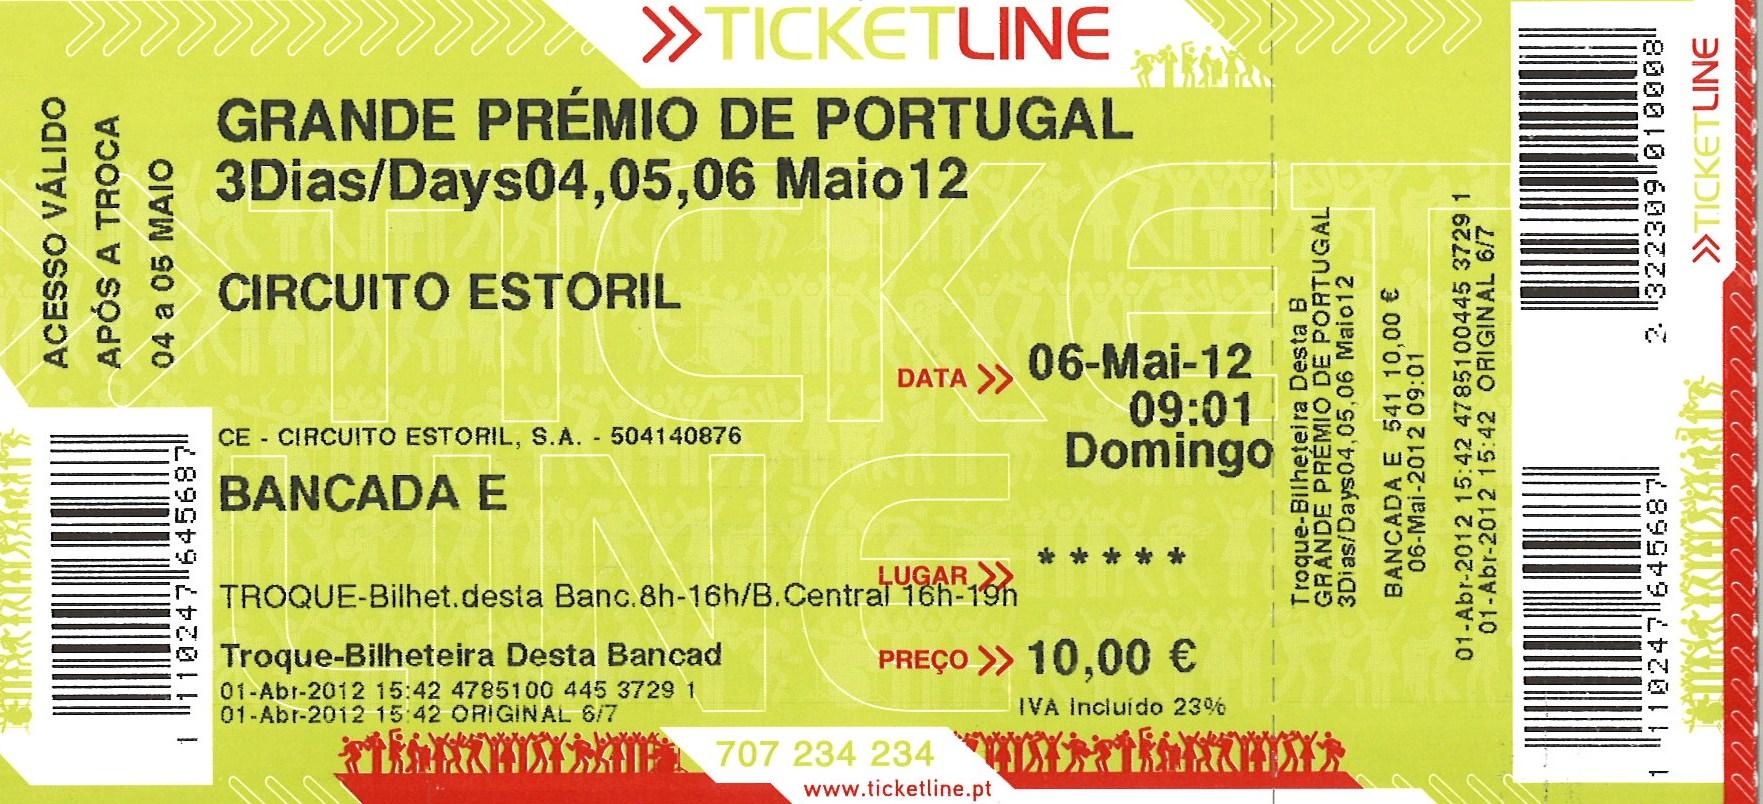 MotoGP Estoril 2012 - Bilhetes já à venda! - Página 8 Voucher1